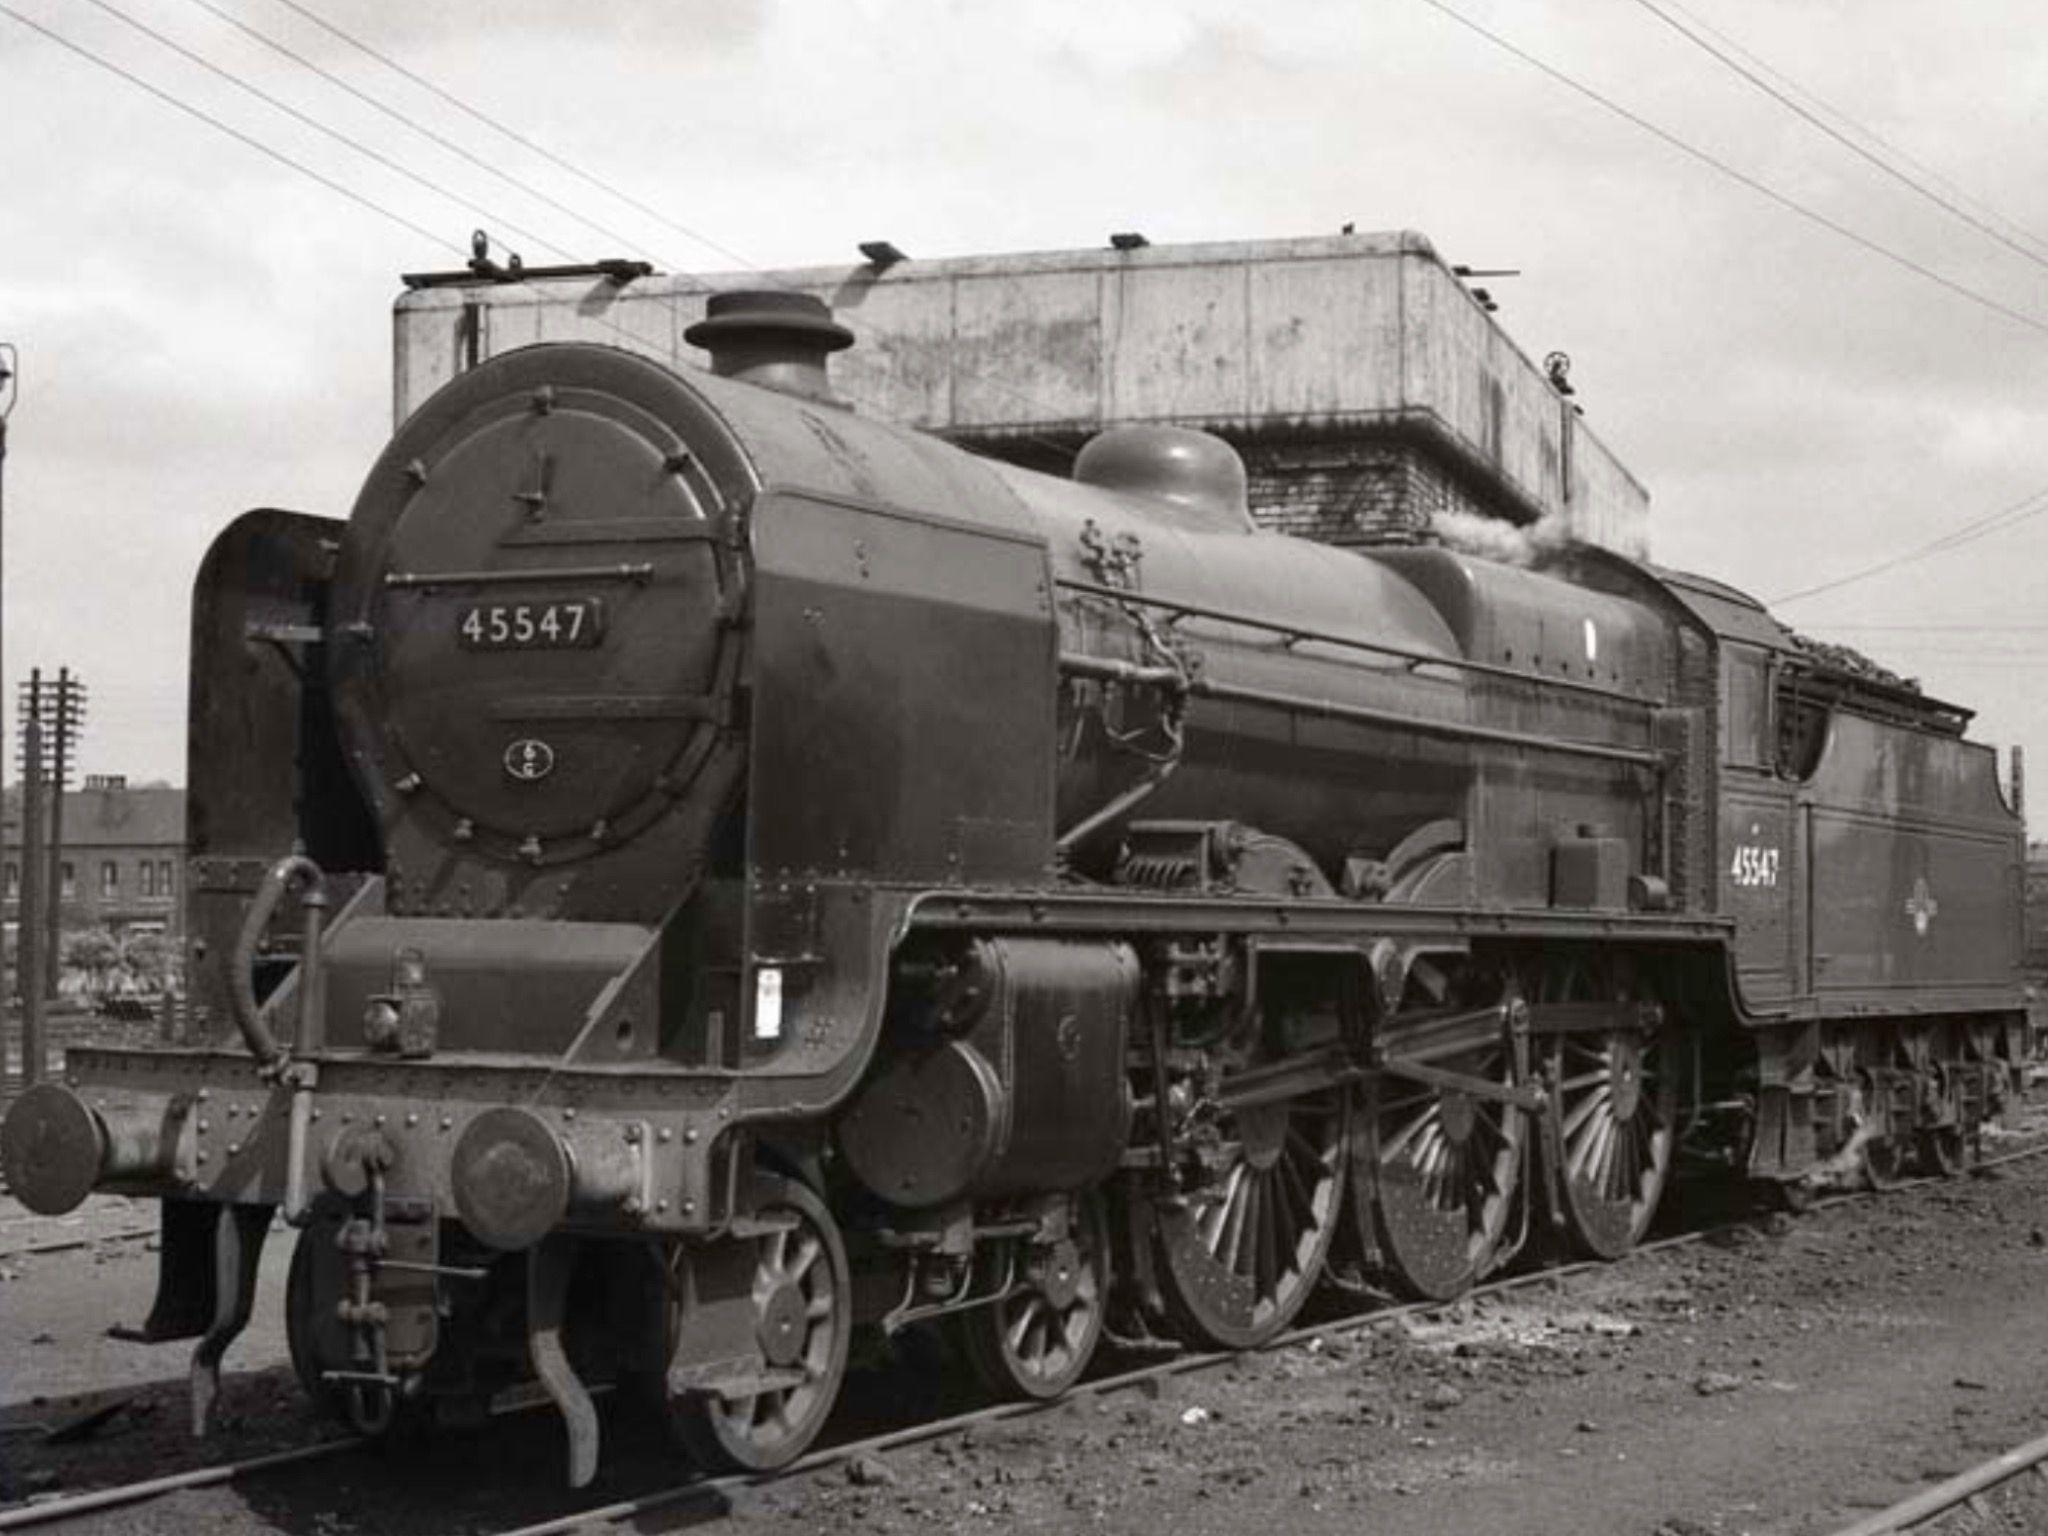 Steam Engine Locomotive Diagram R E M E Patriots Pinterest Of Steam Engine Locomotive Diagram